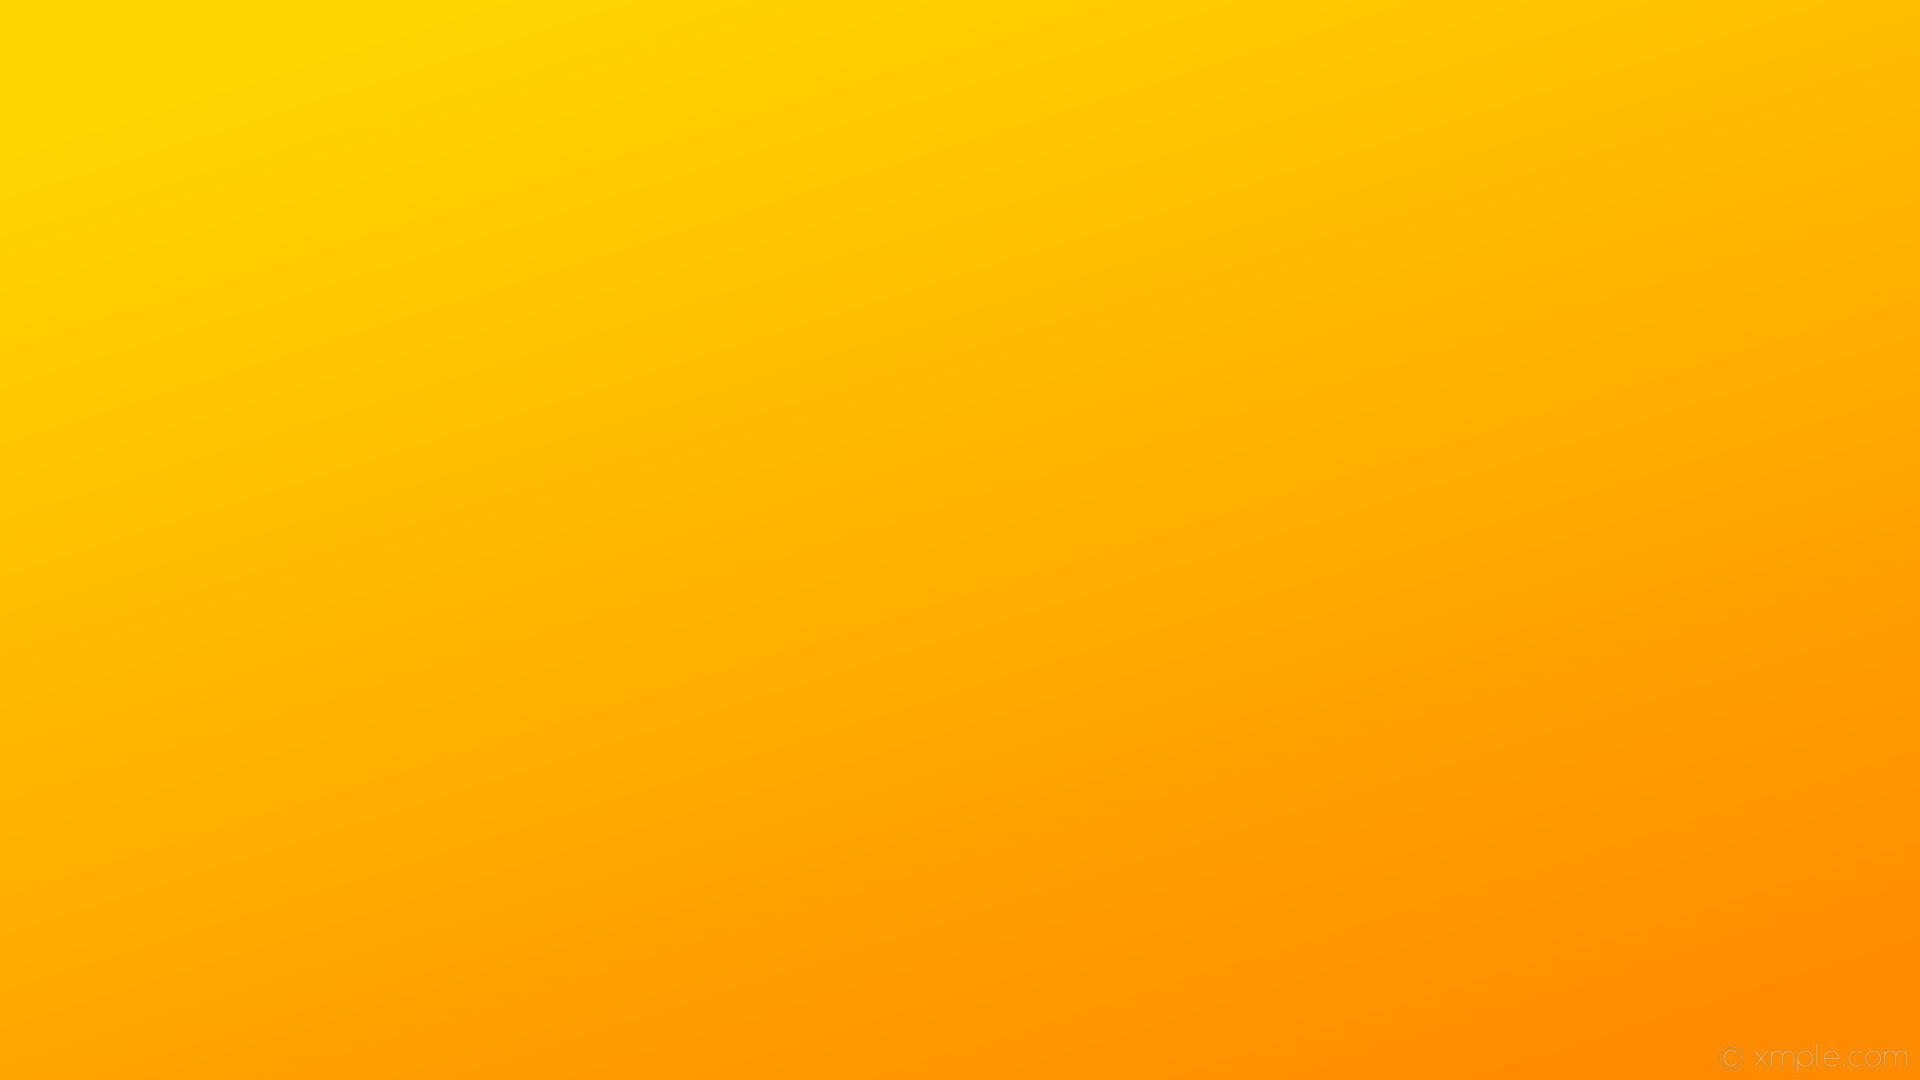 wallpaper linear gradient orange yellow dark orange gold #ff8c00 #ffd700  315°